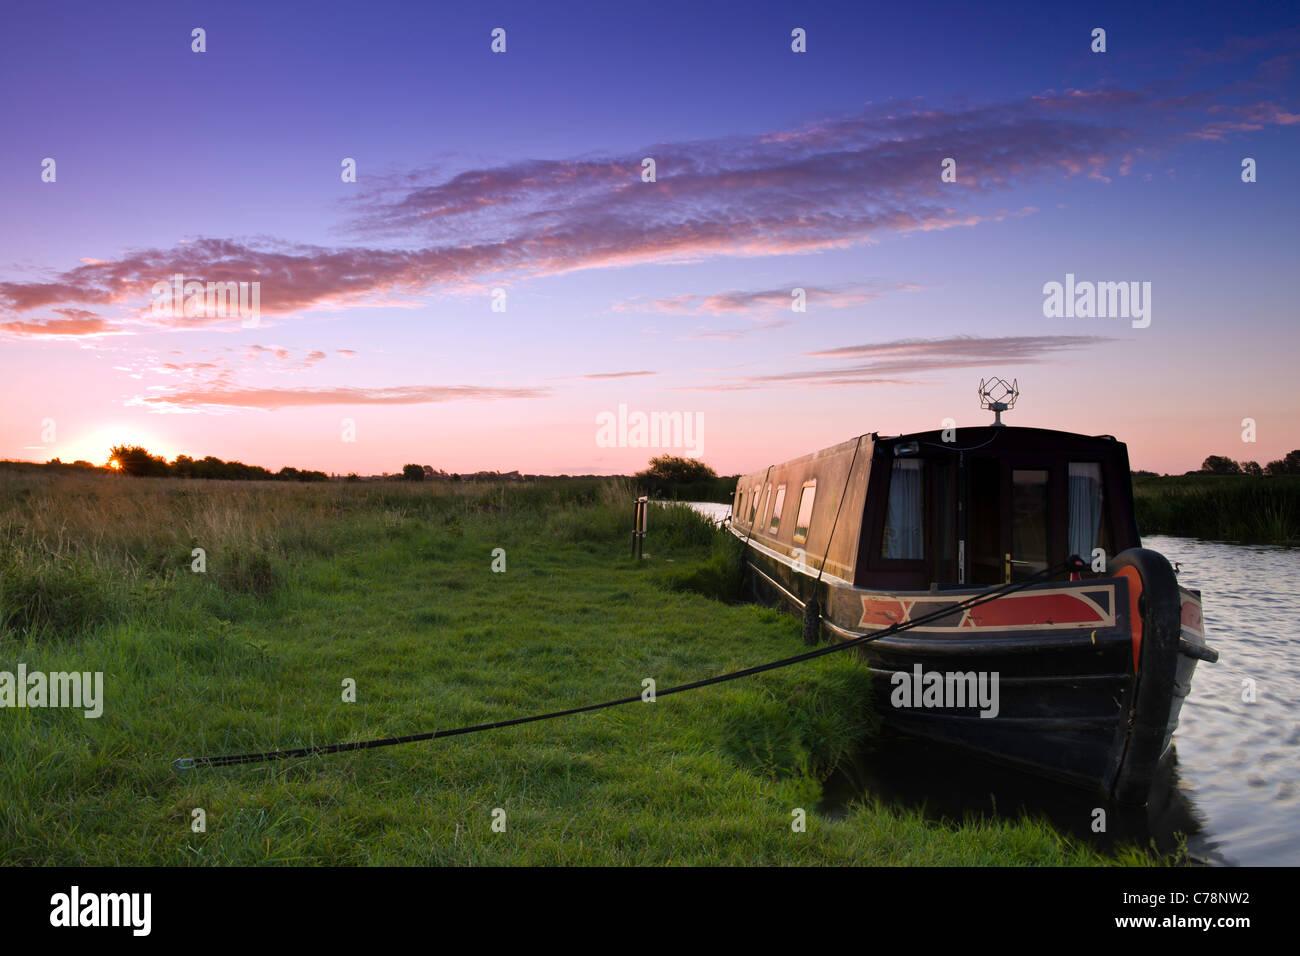 Narrowboat at dawn - Stock Image